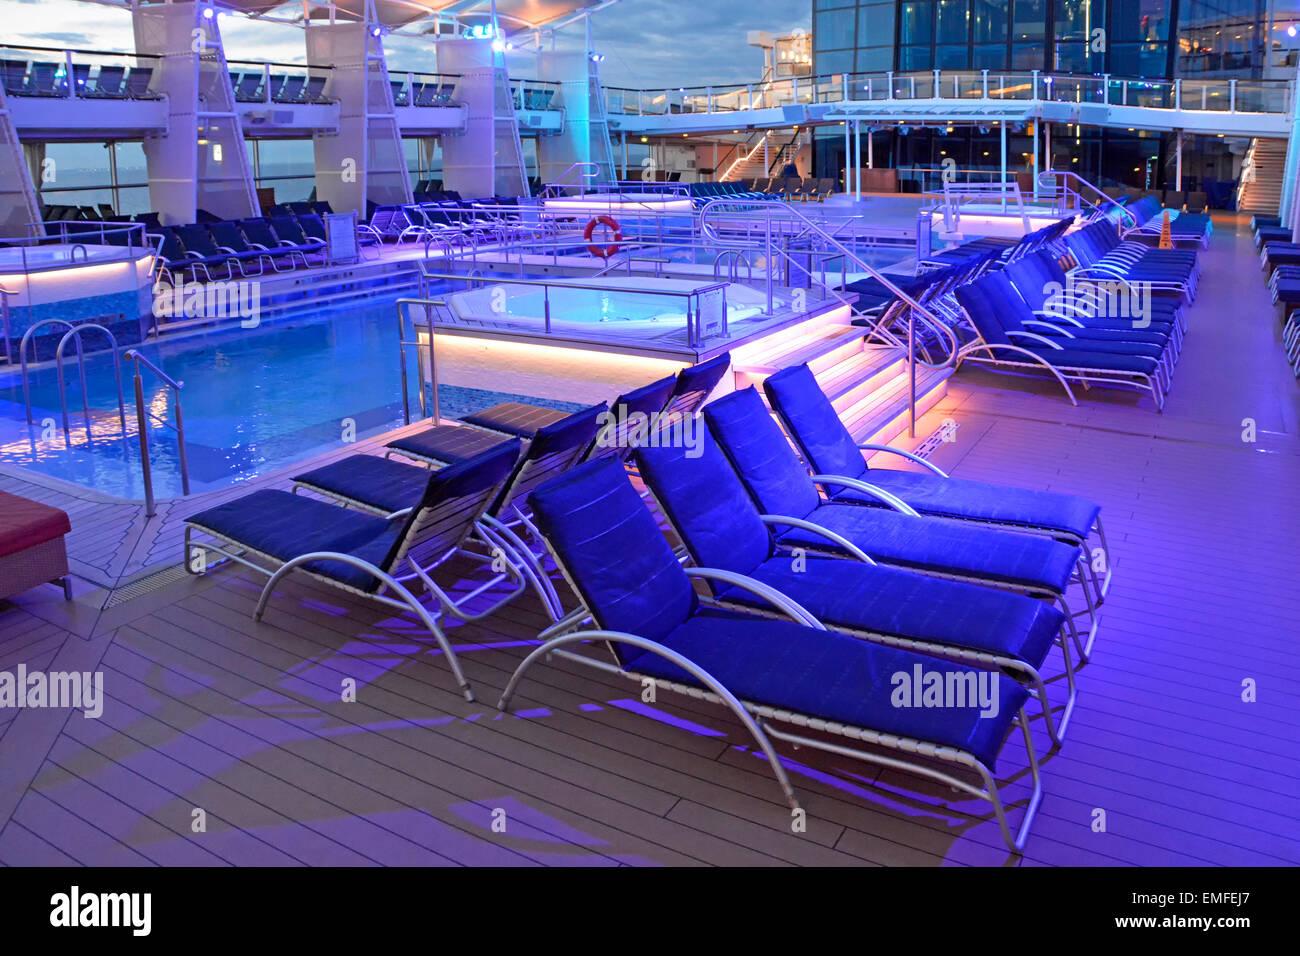 Blu illuminazione notturna su una nave da crociera sdraio in piscina